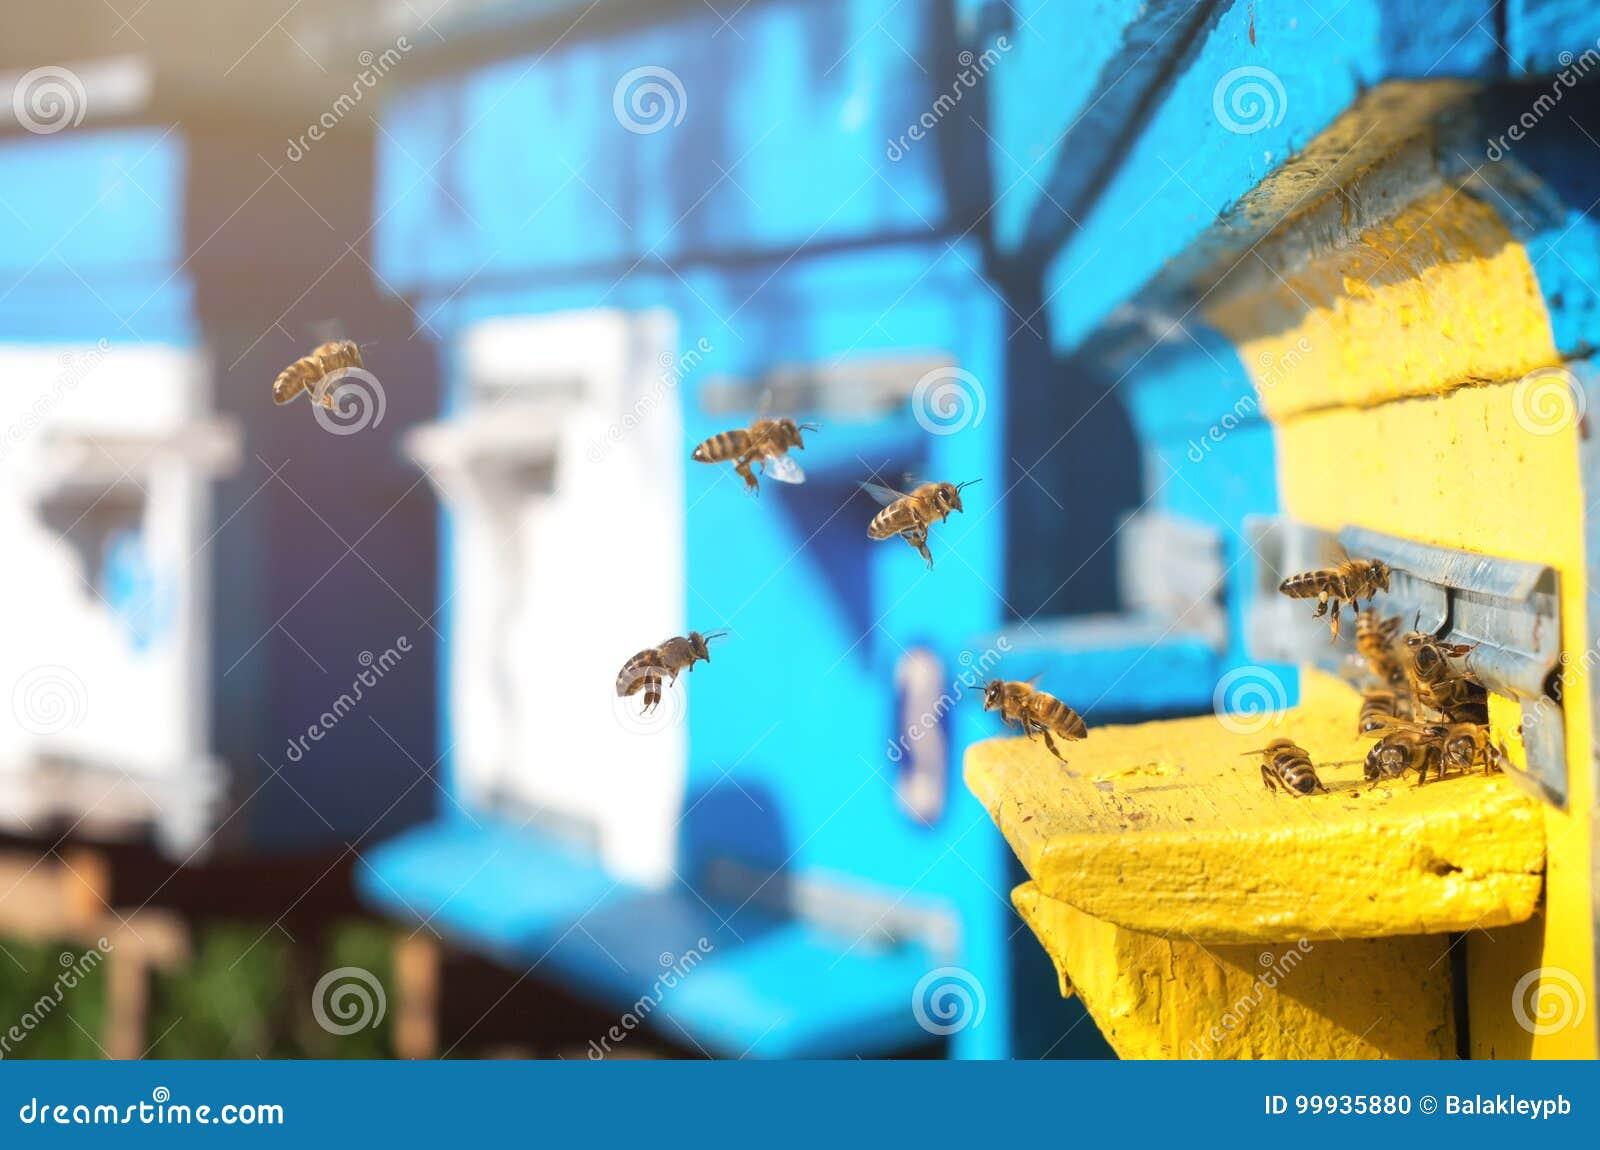 Bijen dichtbij de bijenkorf